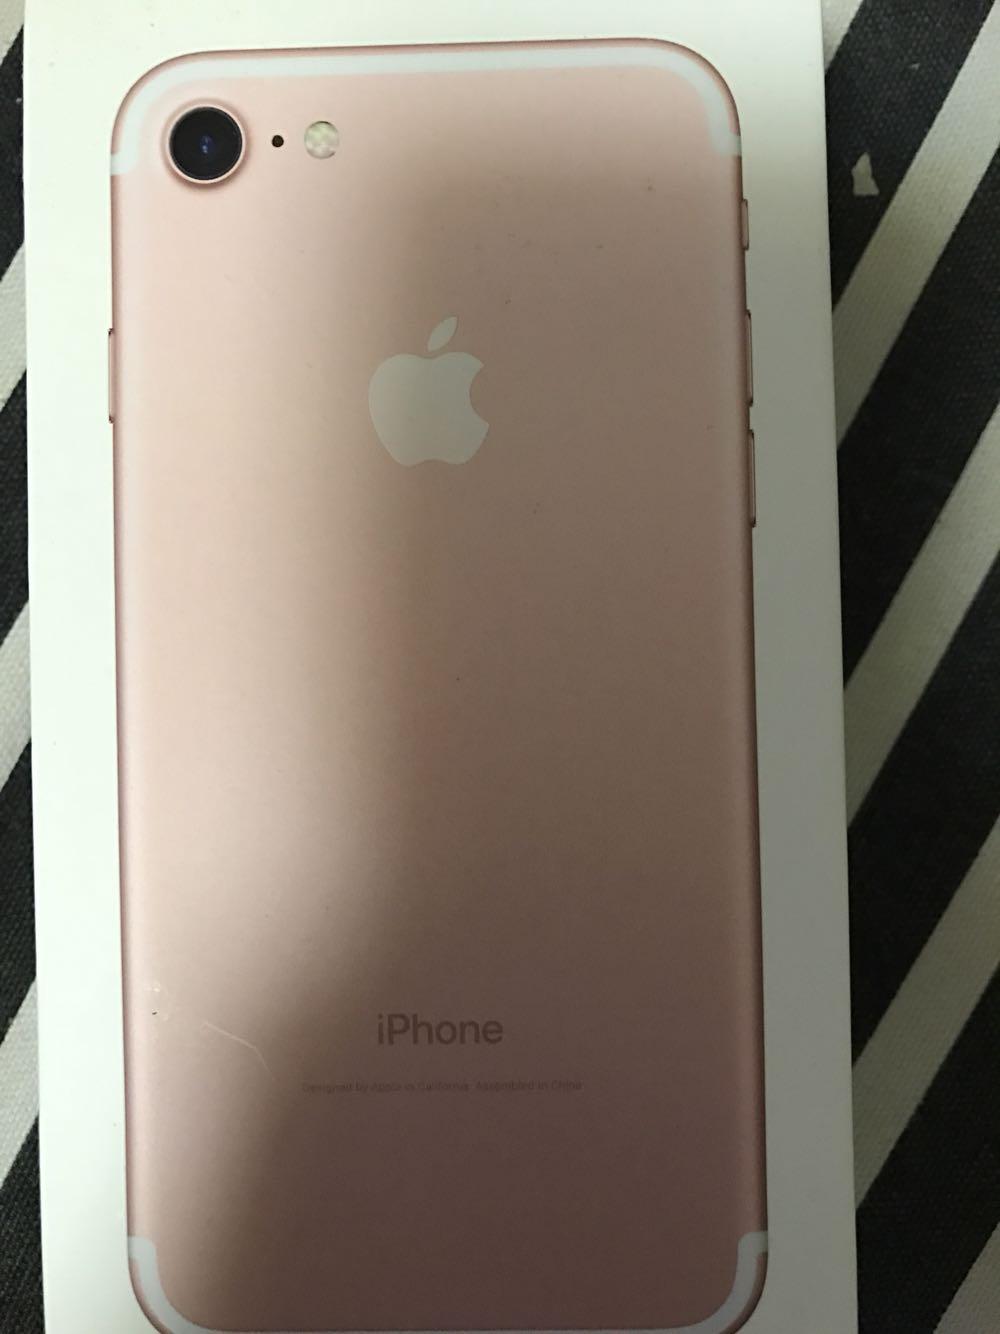 二手苹果7出售转让_天津二手手机-苏宁易购二手优品